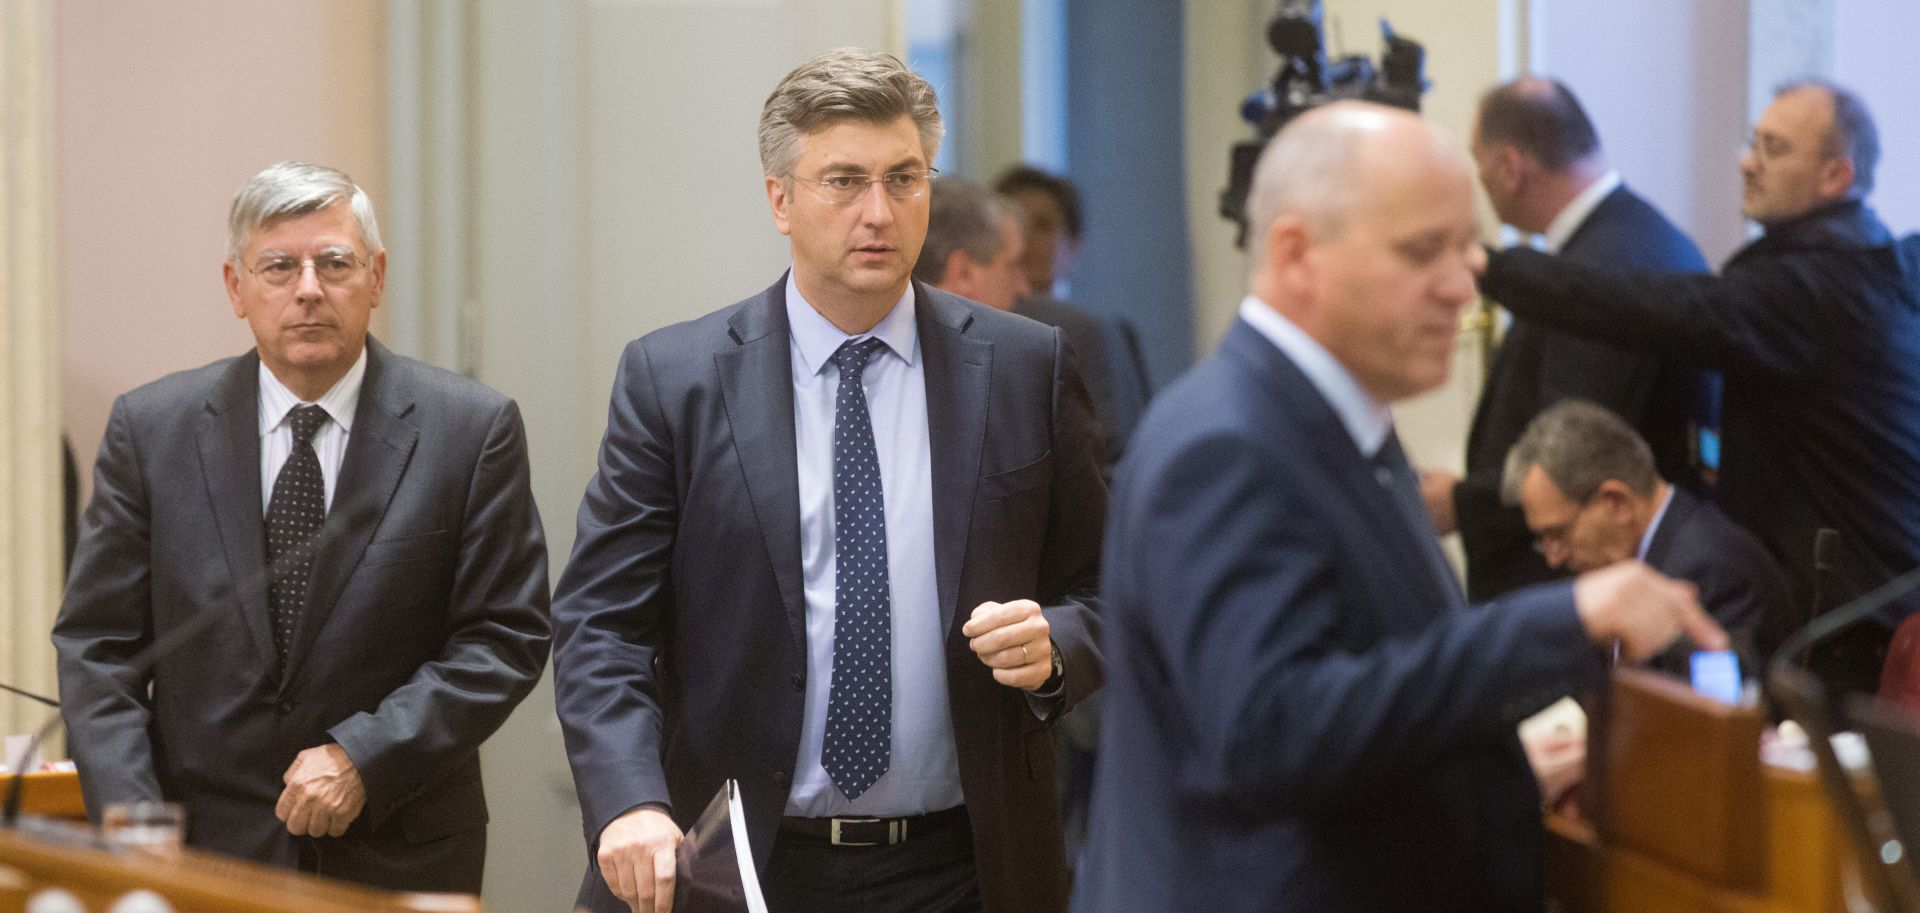 BAČIĆ: Nema nikakve potrebe da Plenković dođe u Sabor